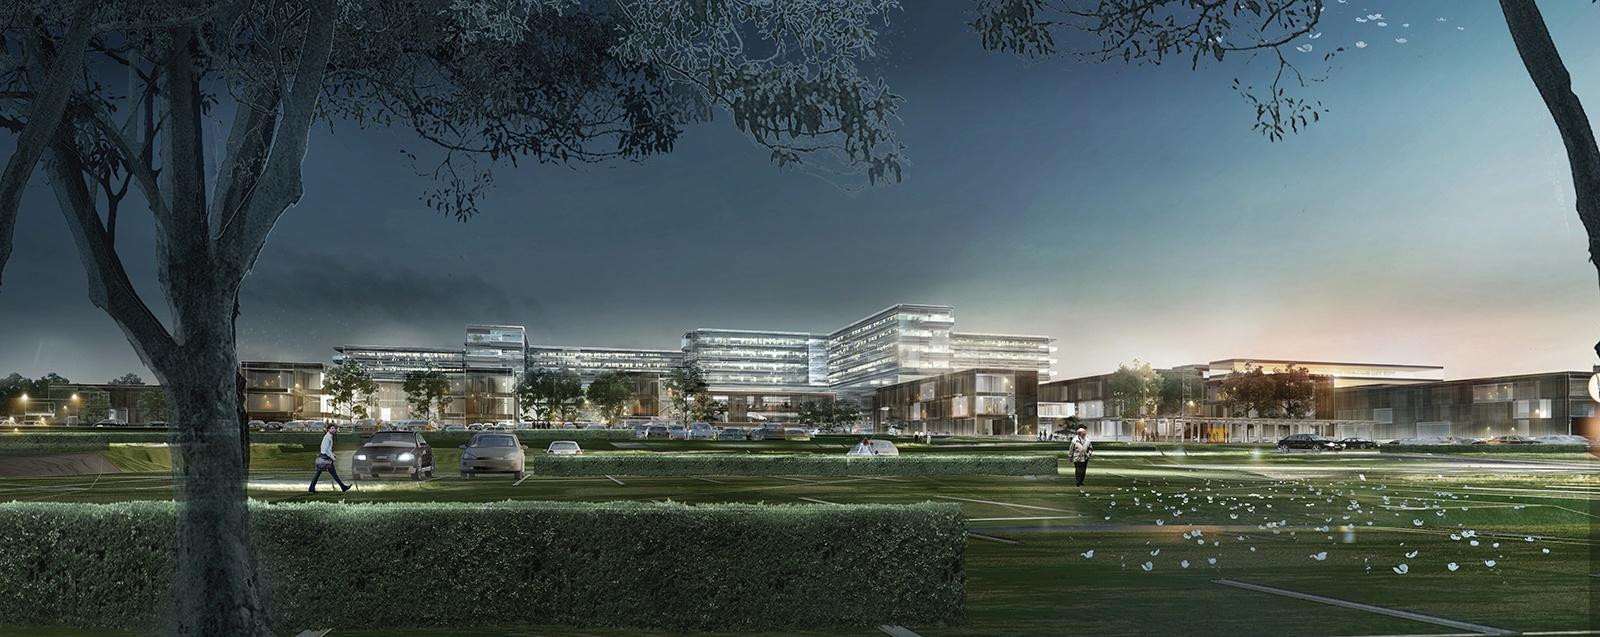 Aalborg Universitetshospital_1600